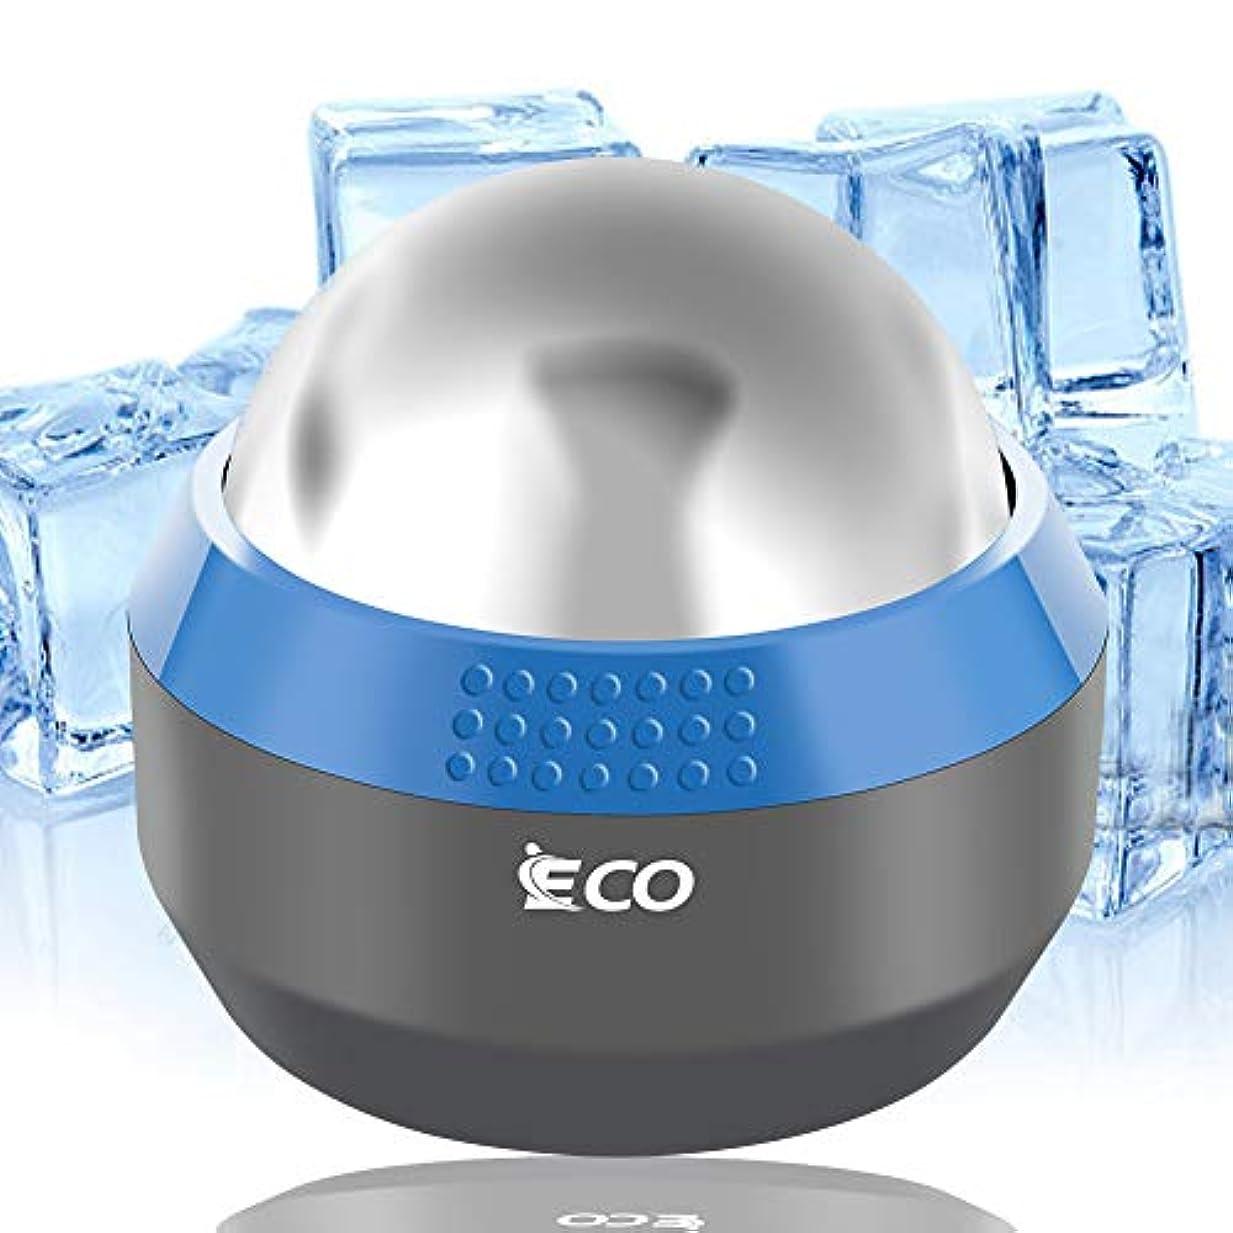 誤メンテナンスブースト冷温マッサージボール 冷温対応 筋肉の柔軟性向上 運動後の快速疲労回復 冷感マッサージによる筋肉の深層までの浸透効果